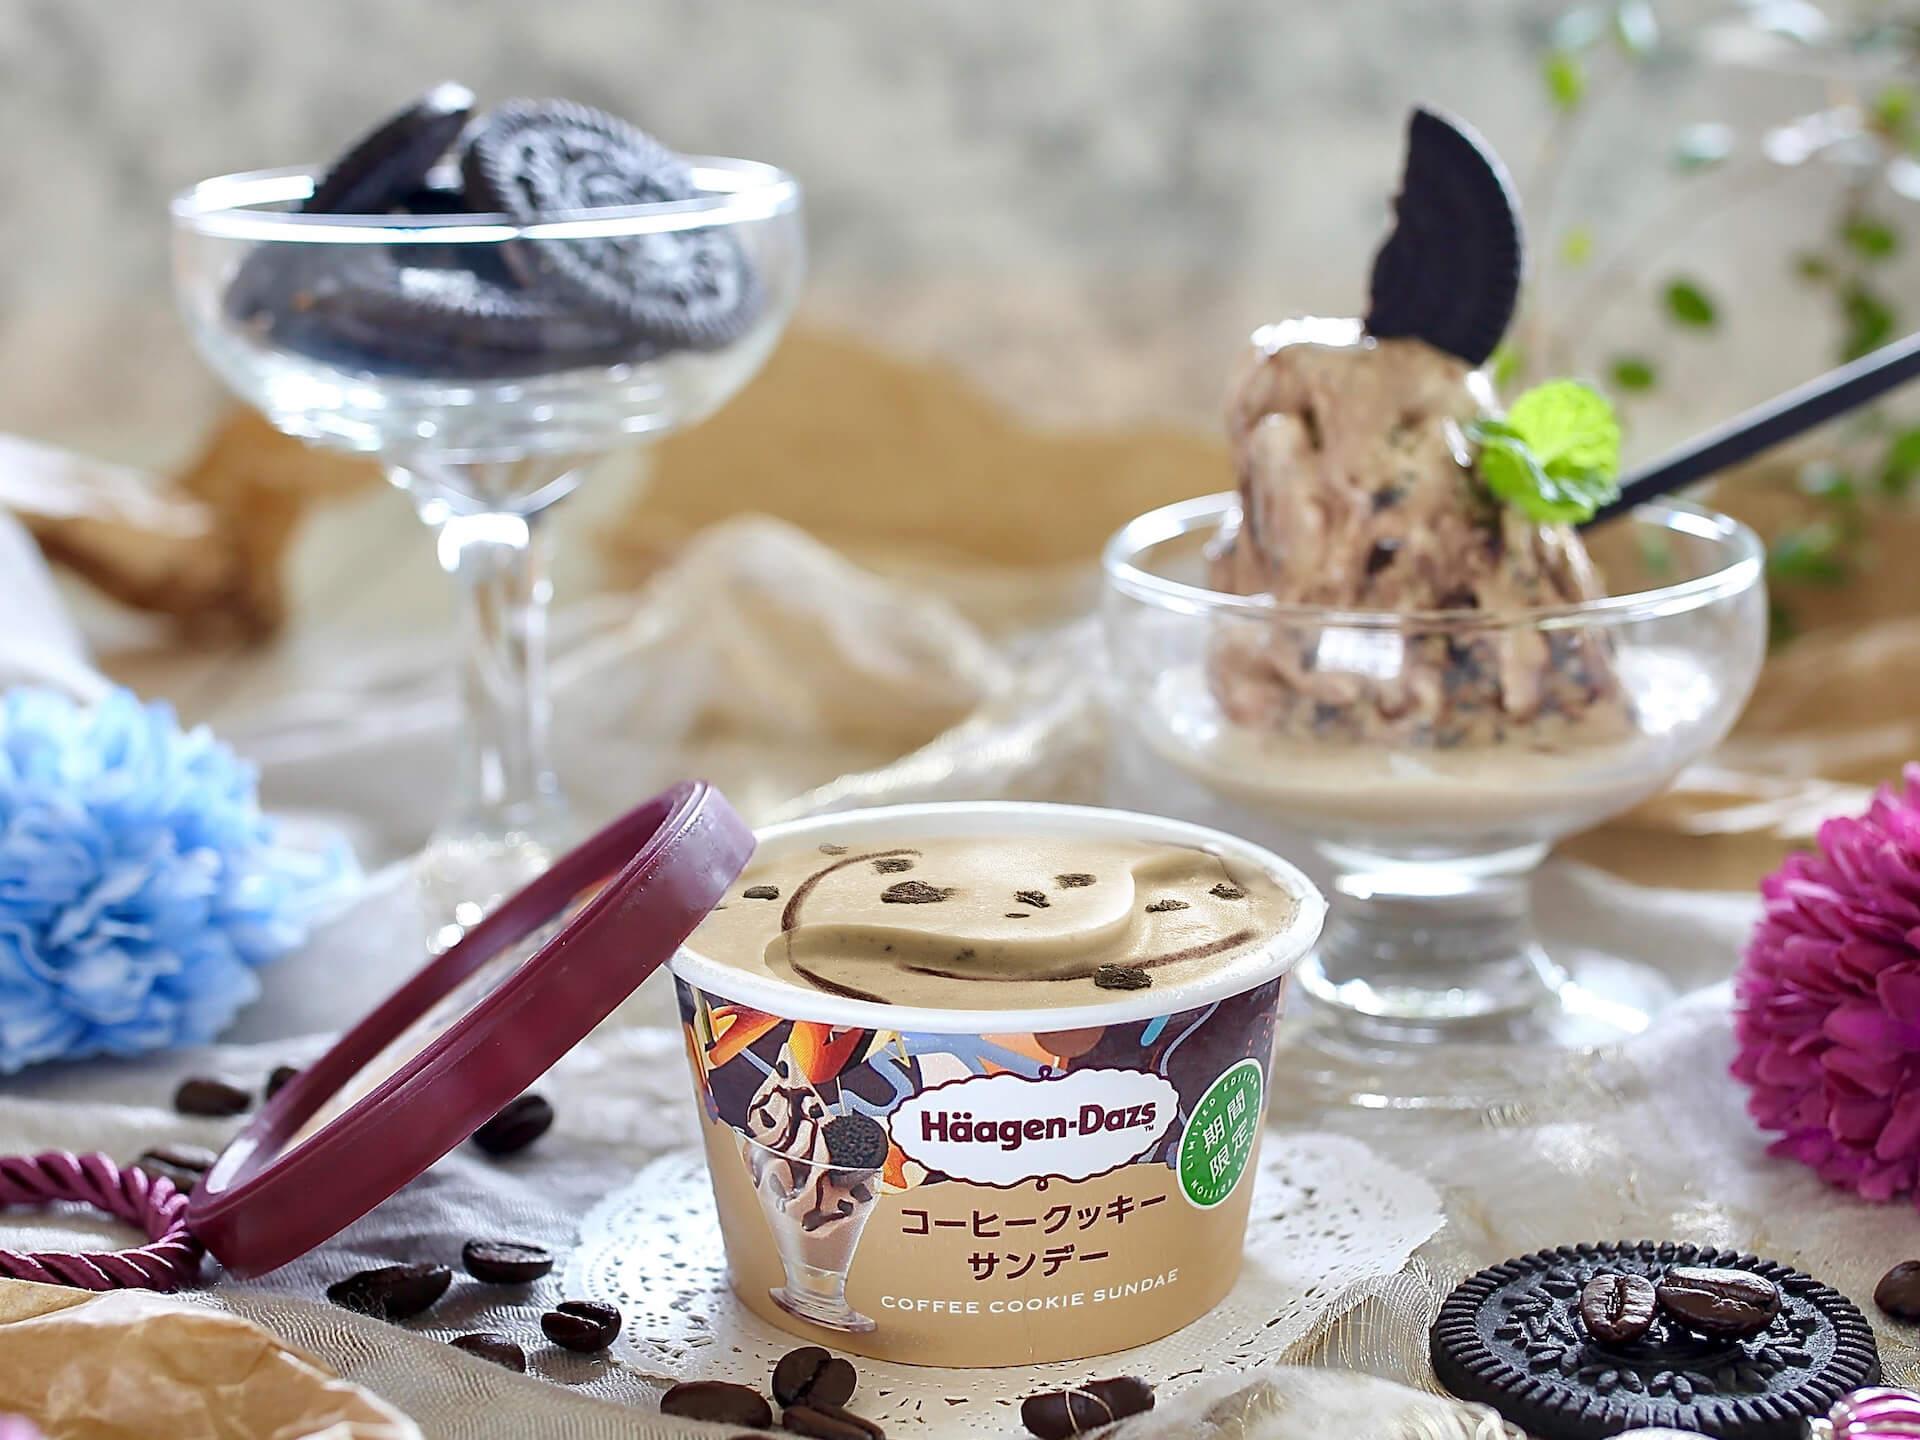 ハーゲンダッツミニカップに新作『コーヒークッキーサンデー』が登場!ハーゲンダッツ12種類詰め合わせが当たるTwitterキャンペーンも gourmet200709_haagendazs_6